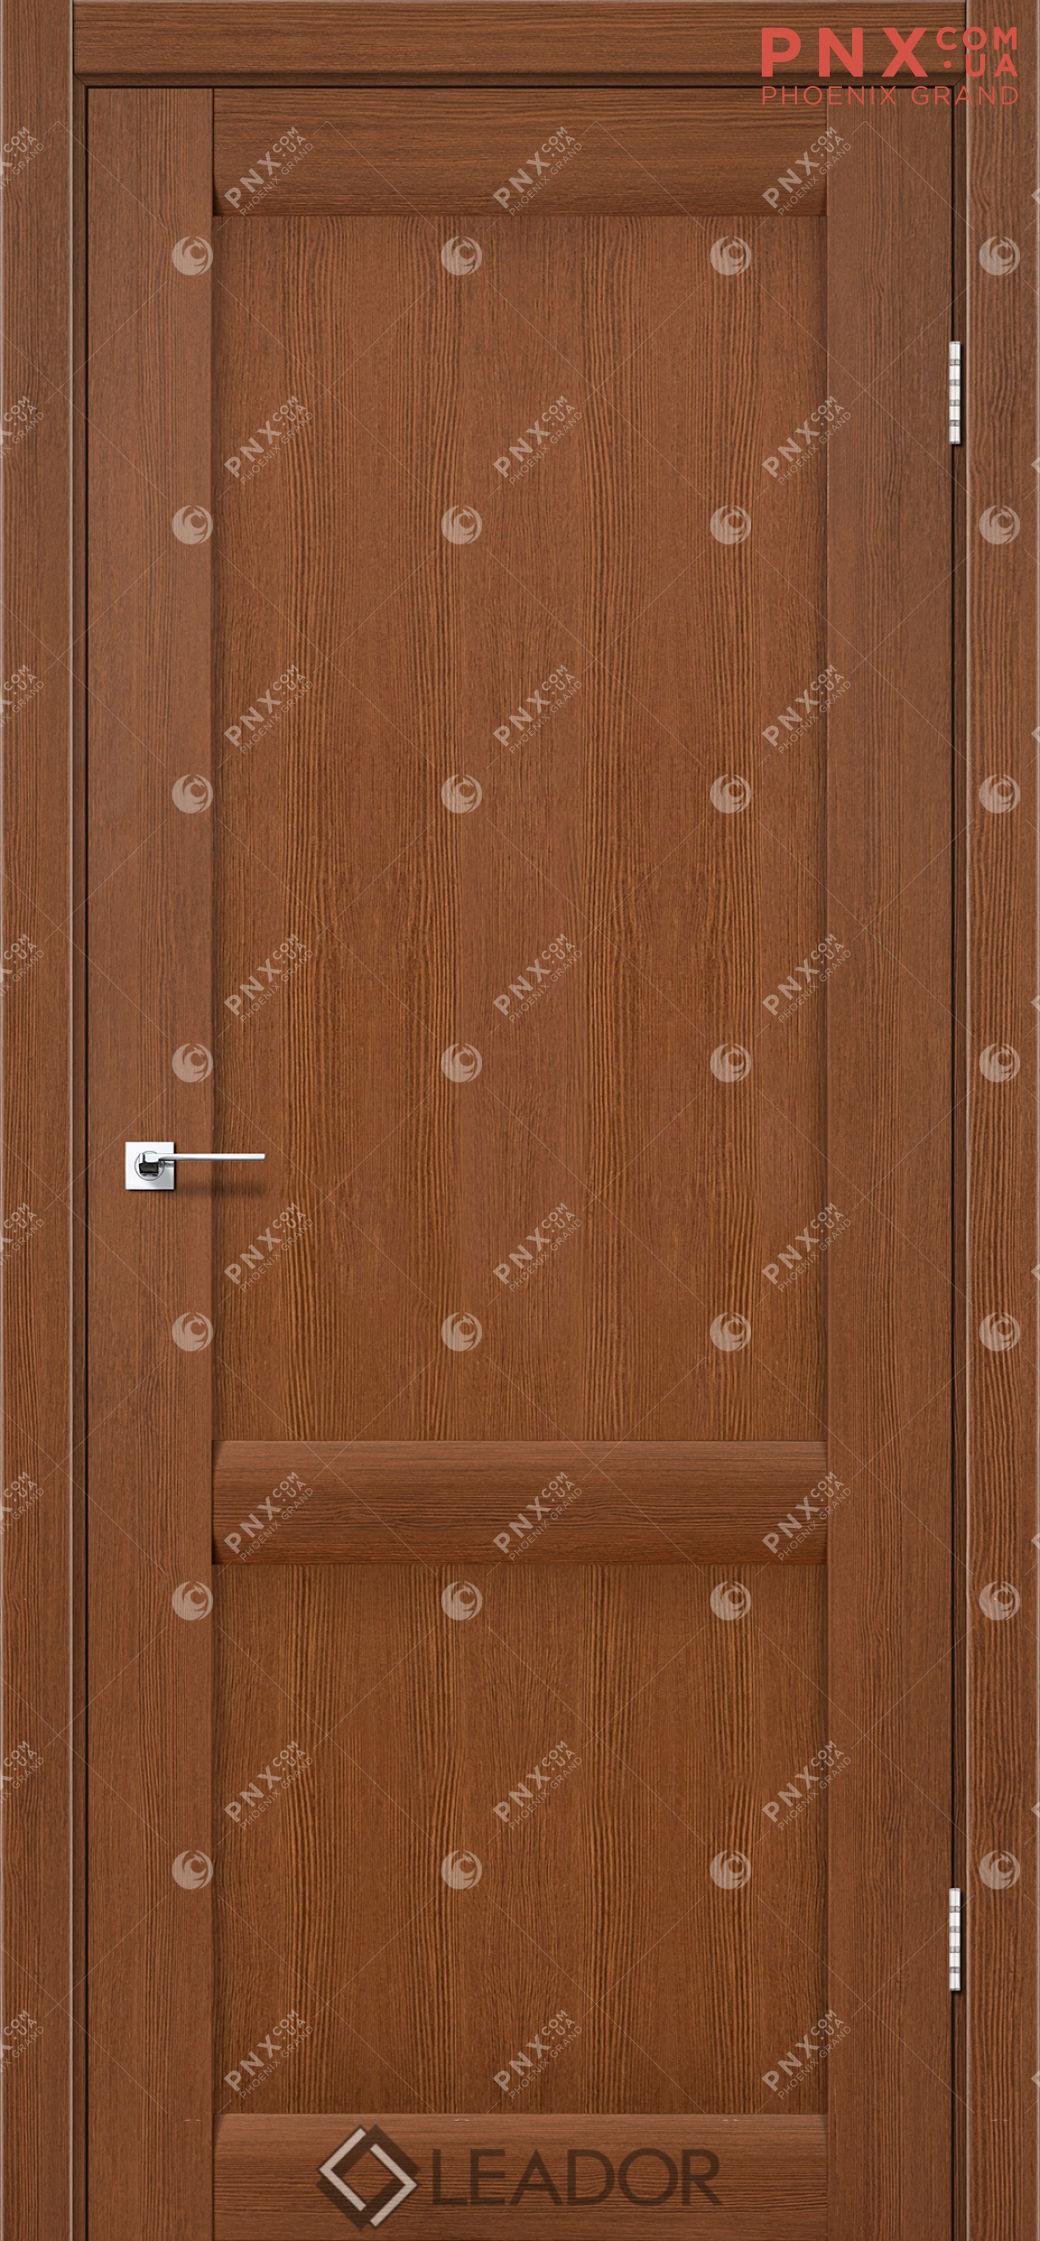 Межкомнатная дверь LEADOR Laura-LR-02, Браун, Глухое